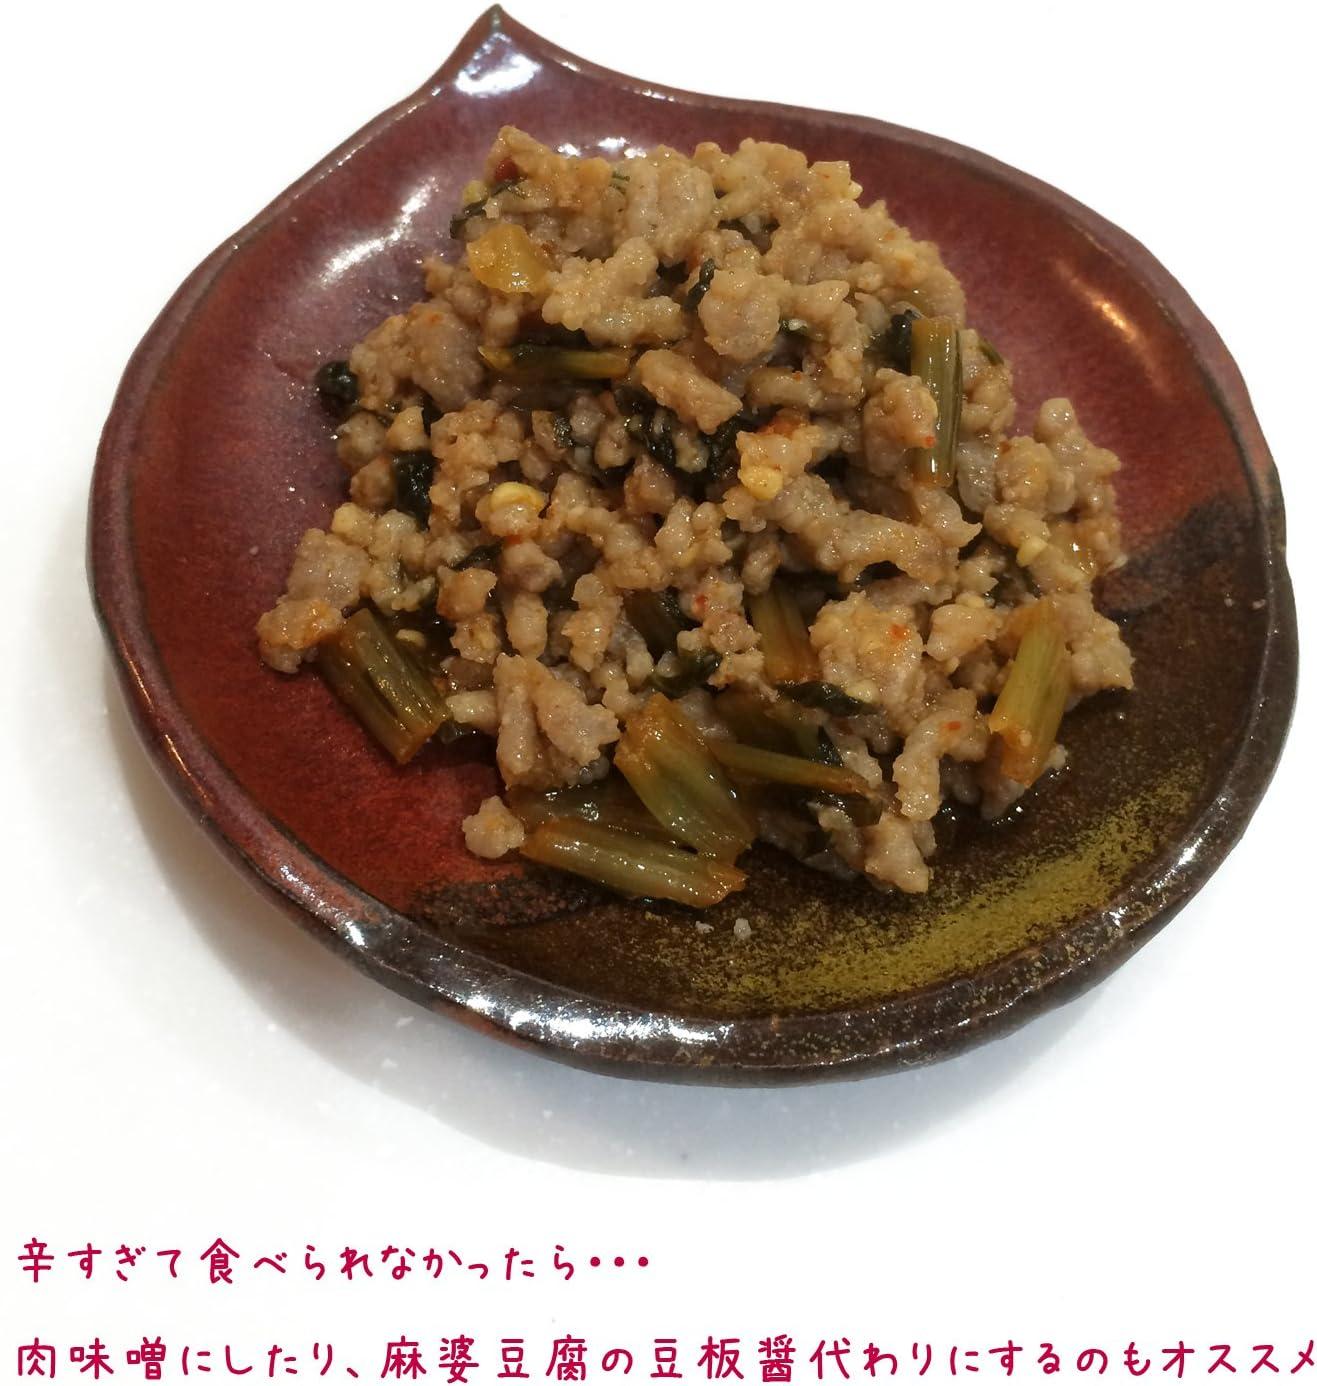 菜 キムチ 野沢